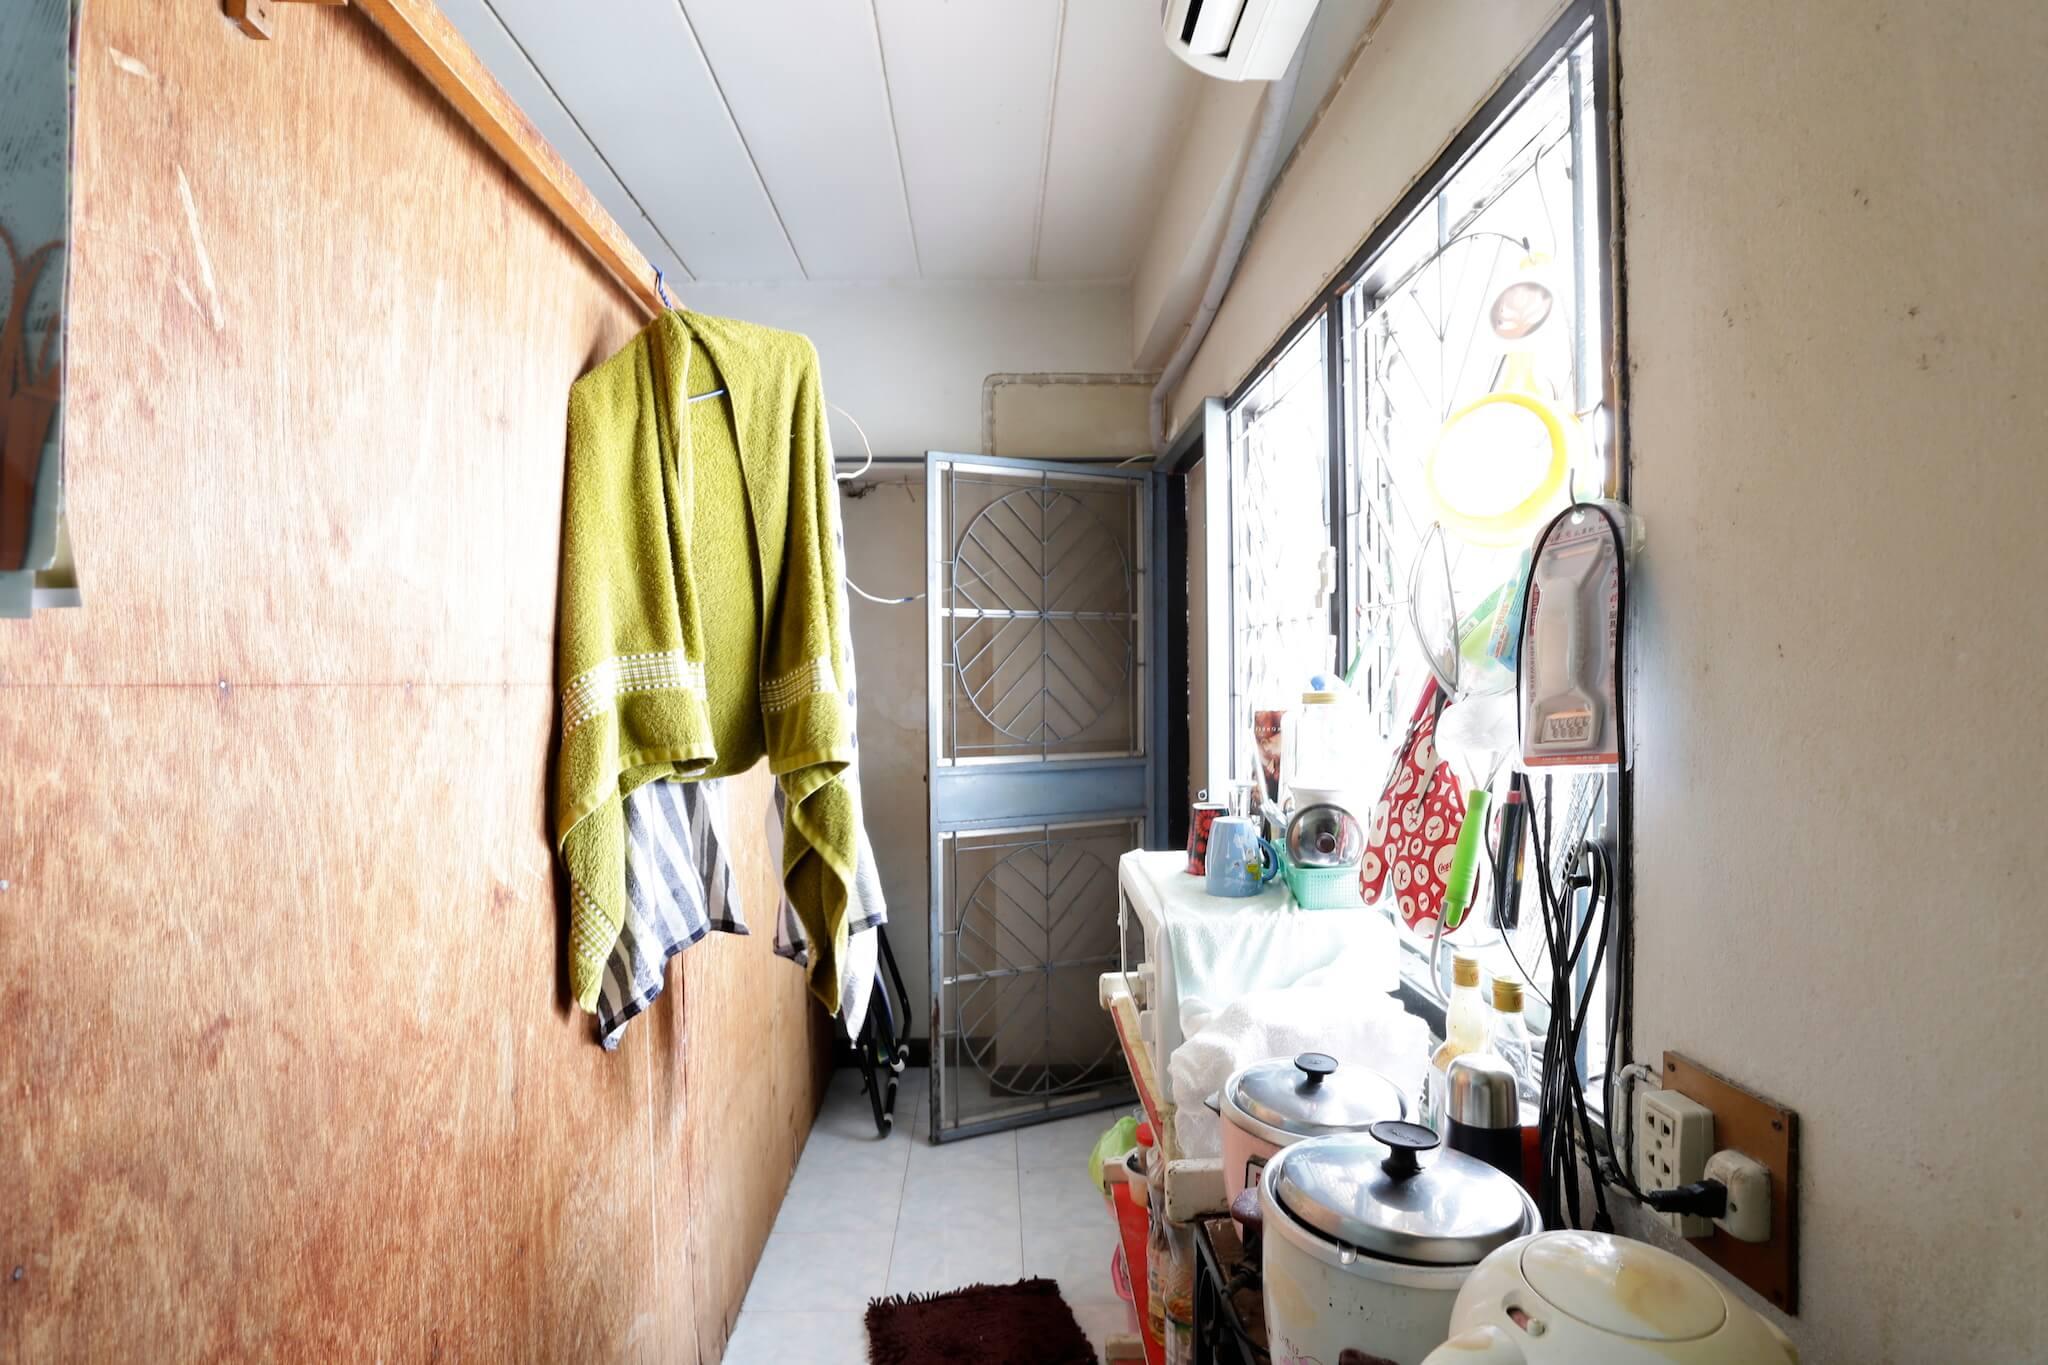 รีโนเวทบ้าน แปลงคอนโดเก่าเป็นสไตล์ Loft และประตูสวยทนด้วยไฟเบอร์ซีเมนต์จาก Shera 14 - fiber cement wood